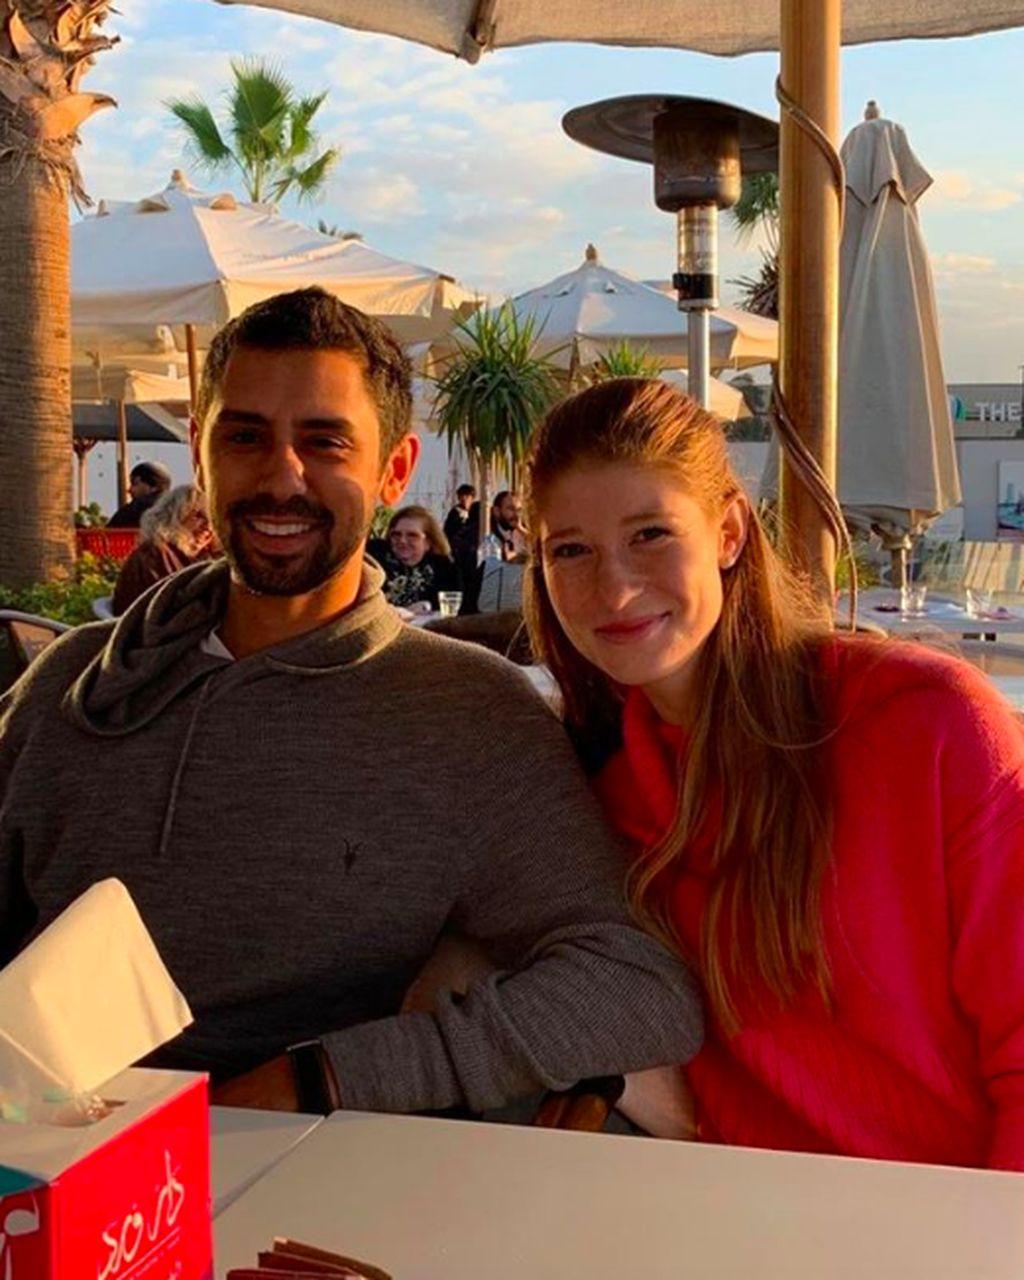 Nayel Nassar yang berusia 27 tahun dan Jenniger Gates yang berumur 22 tahun, kabarnya sudah sekitar 2 tahun menjalin hubungan asmara. Ini adalah salah satu foto terbaru mereka yang dipajang Nayel pada akun Instagram-nya. Foto: Instagram